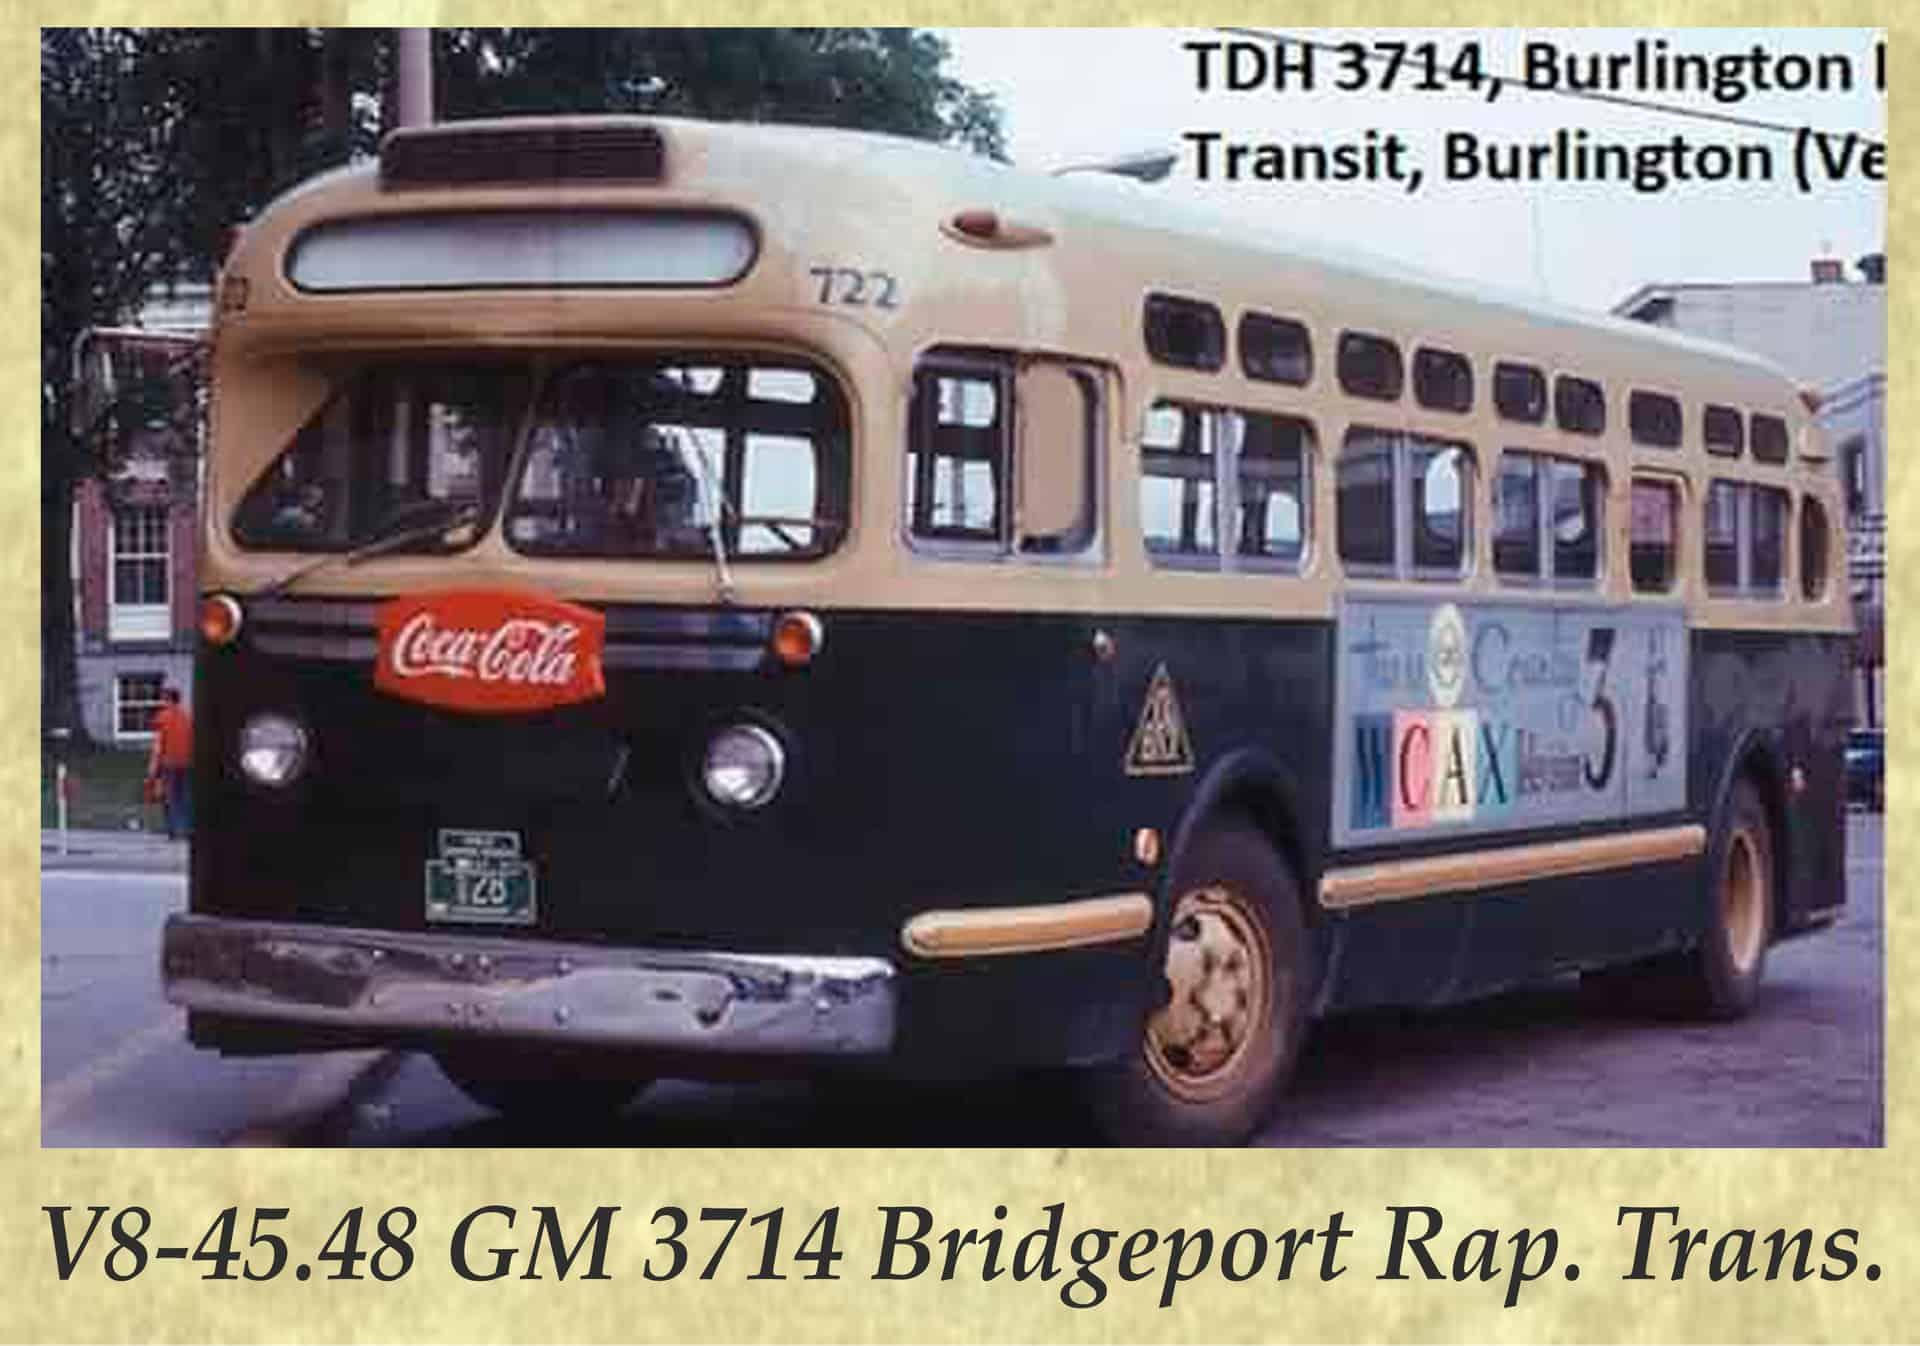 V8-45.48 GM 3714 Bridgeport Rap. Trans.